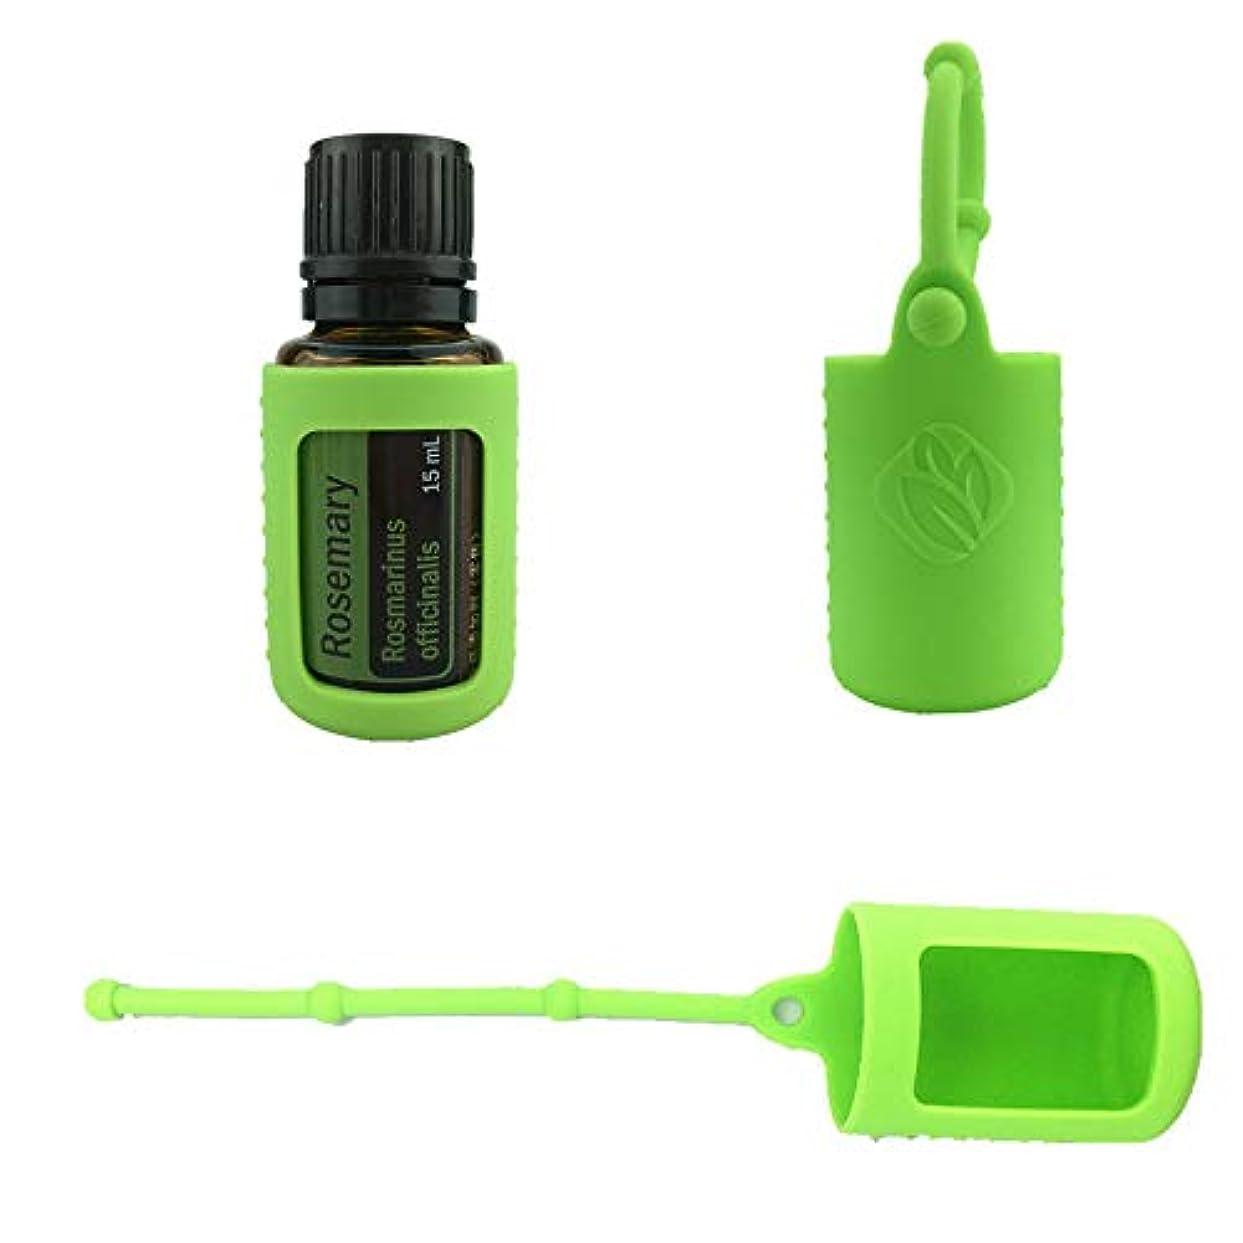 ドームキャビンベイビー6パック熱望オイルボトルシリコンローラーボトルホルダースリーブエッセンシャルオイルボトル保護カバーケースハングロープ - グリーン - 6-pcs 15ml